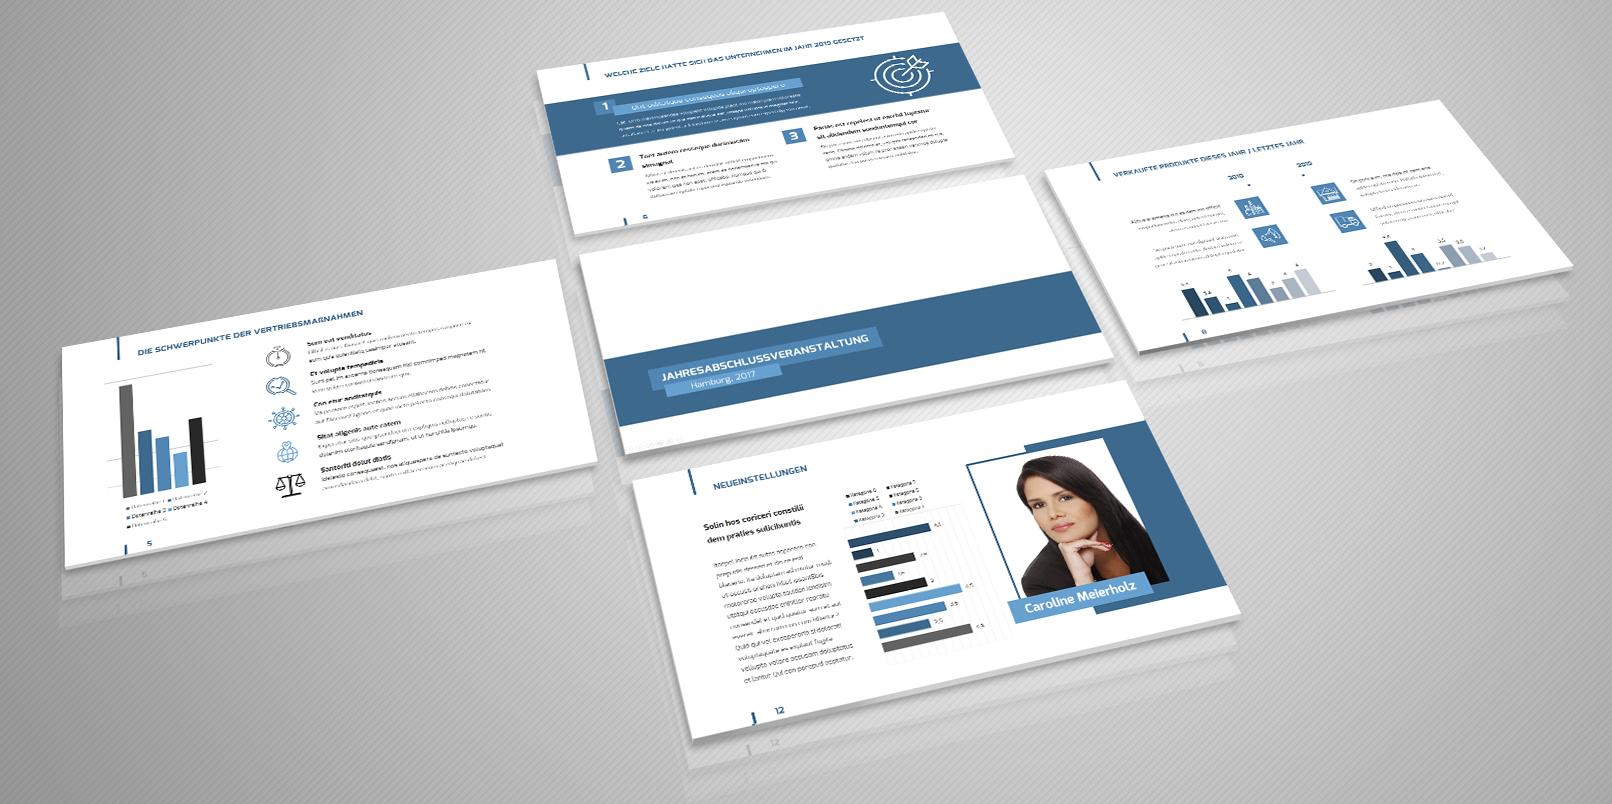 Professionelle PowerPoint Vorlagen: fertige Designs zur Präsentation